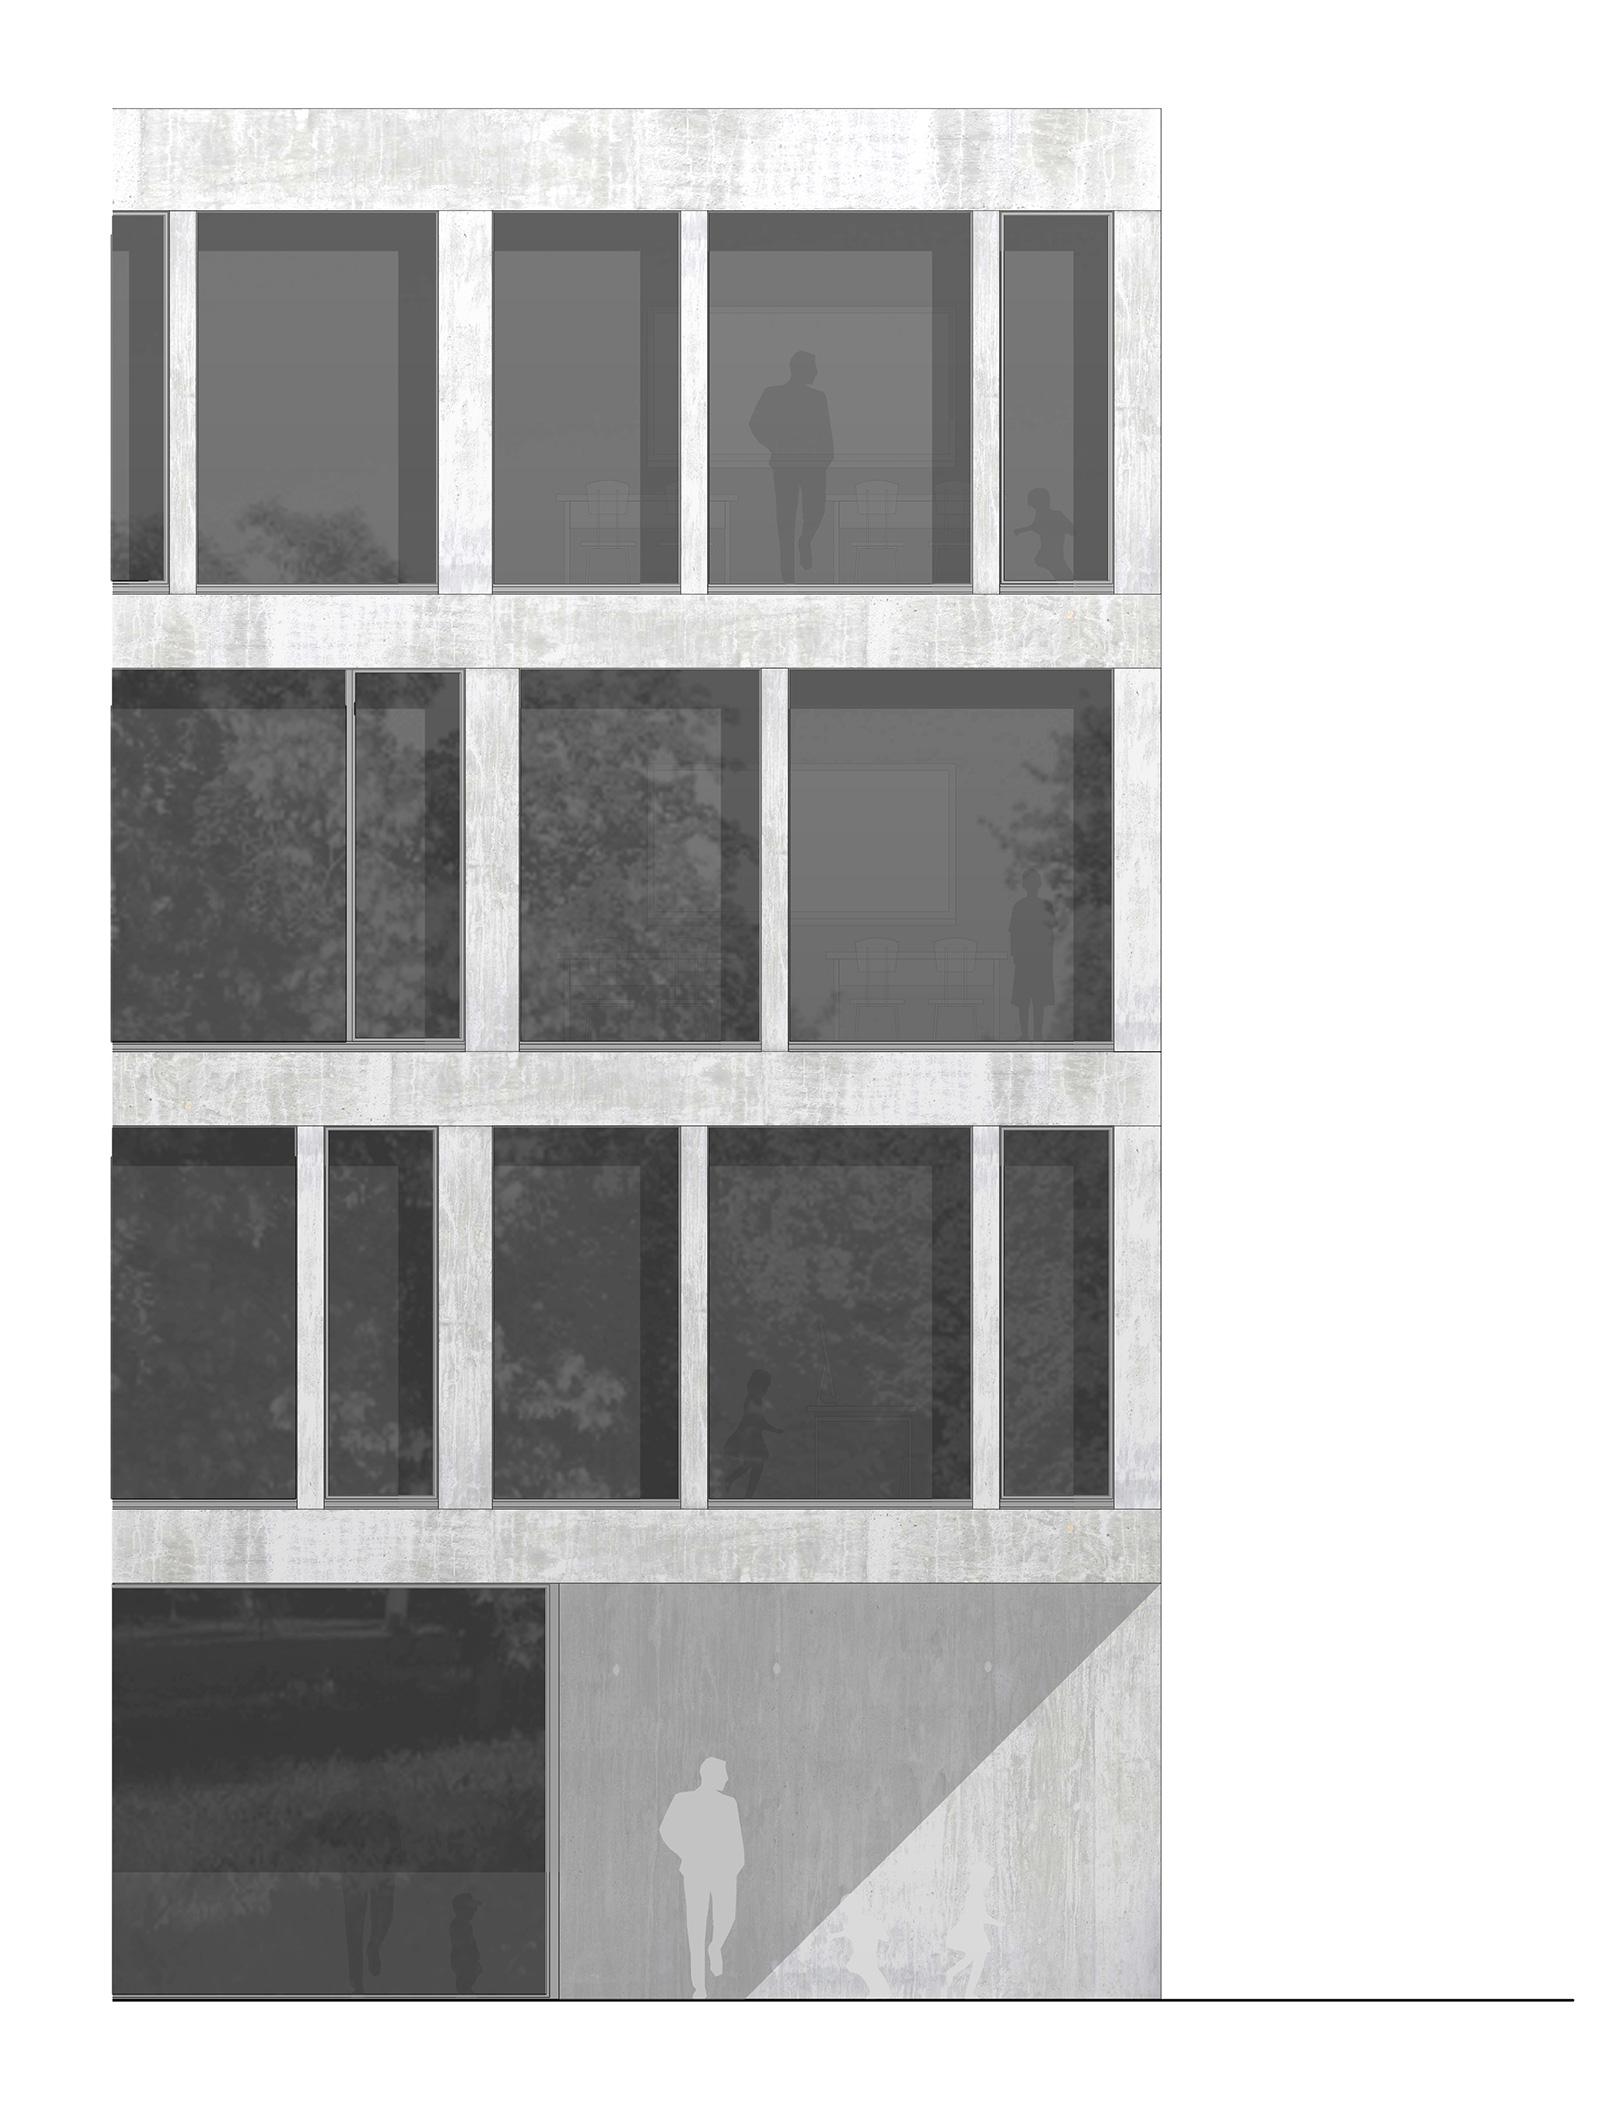 FICH-141211_EXTRAIT-FACADE